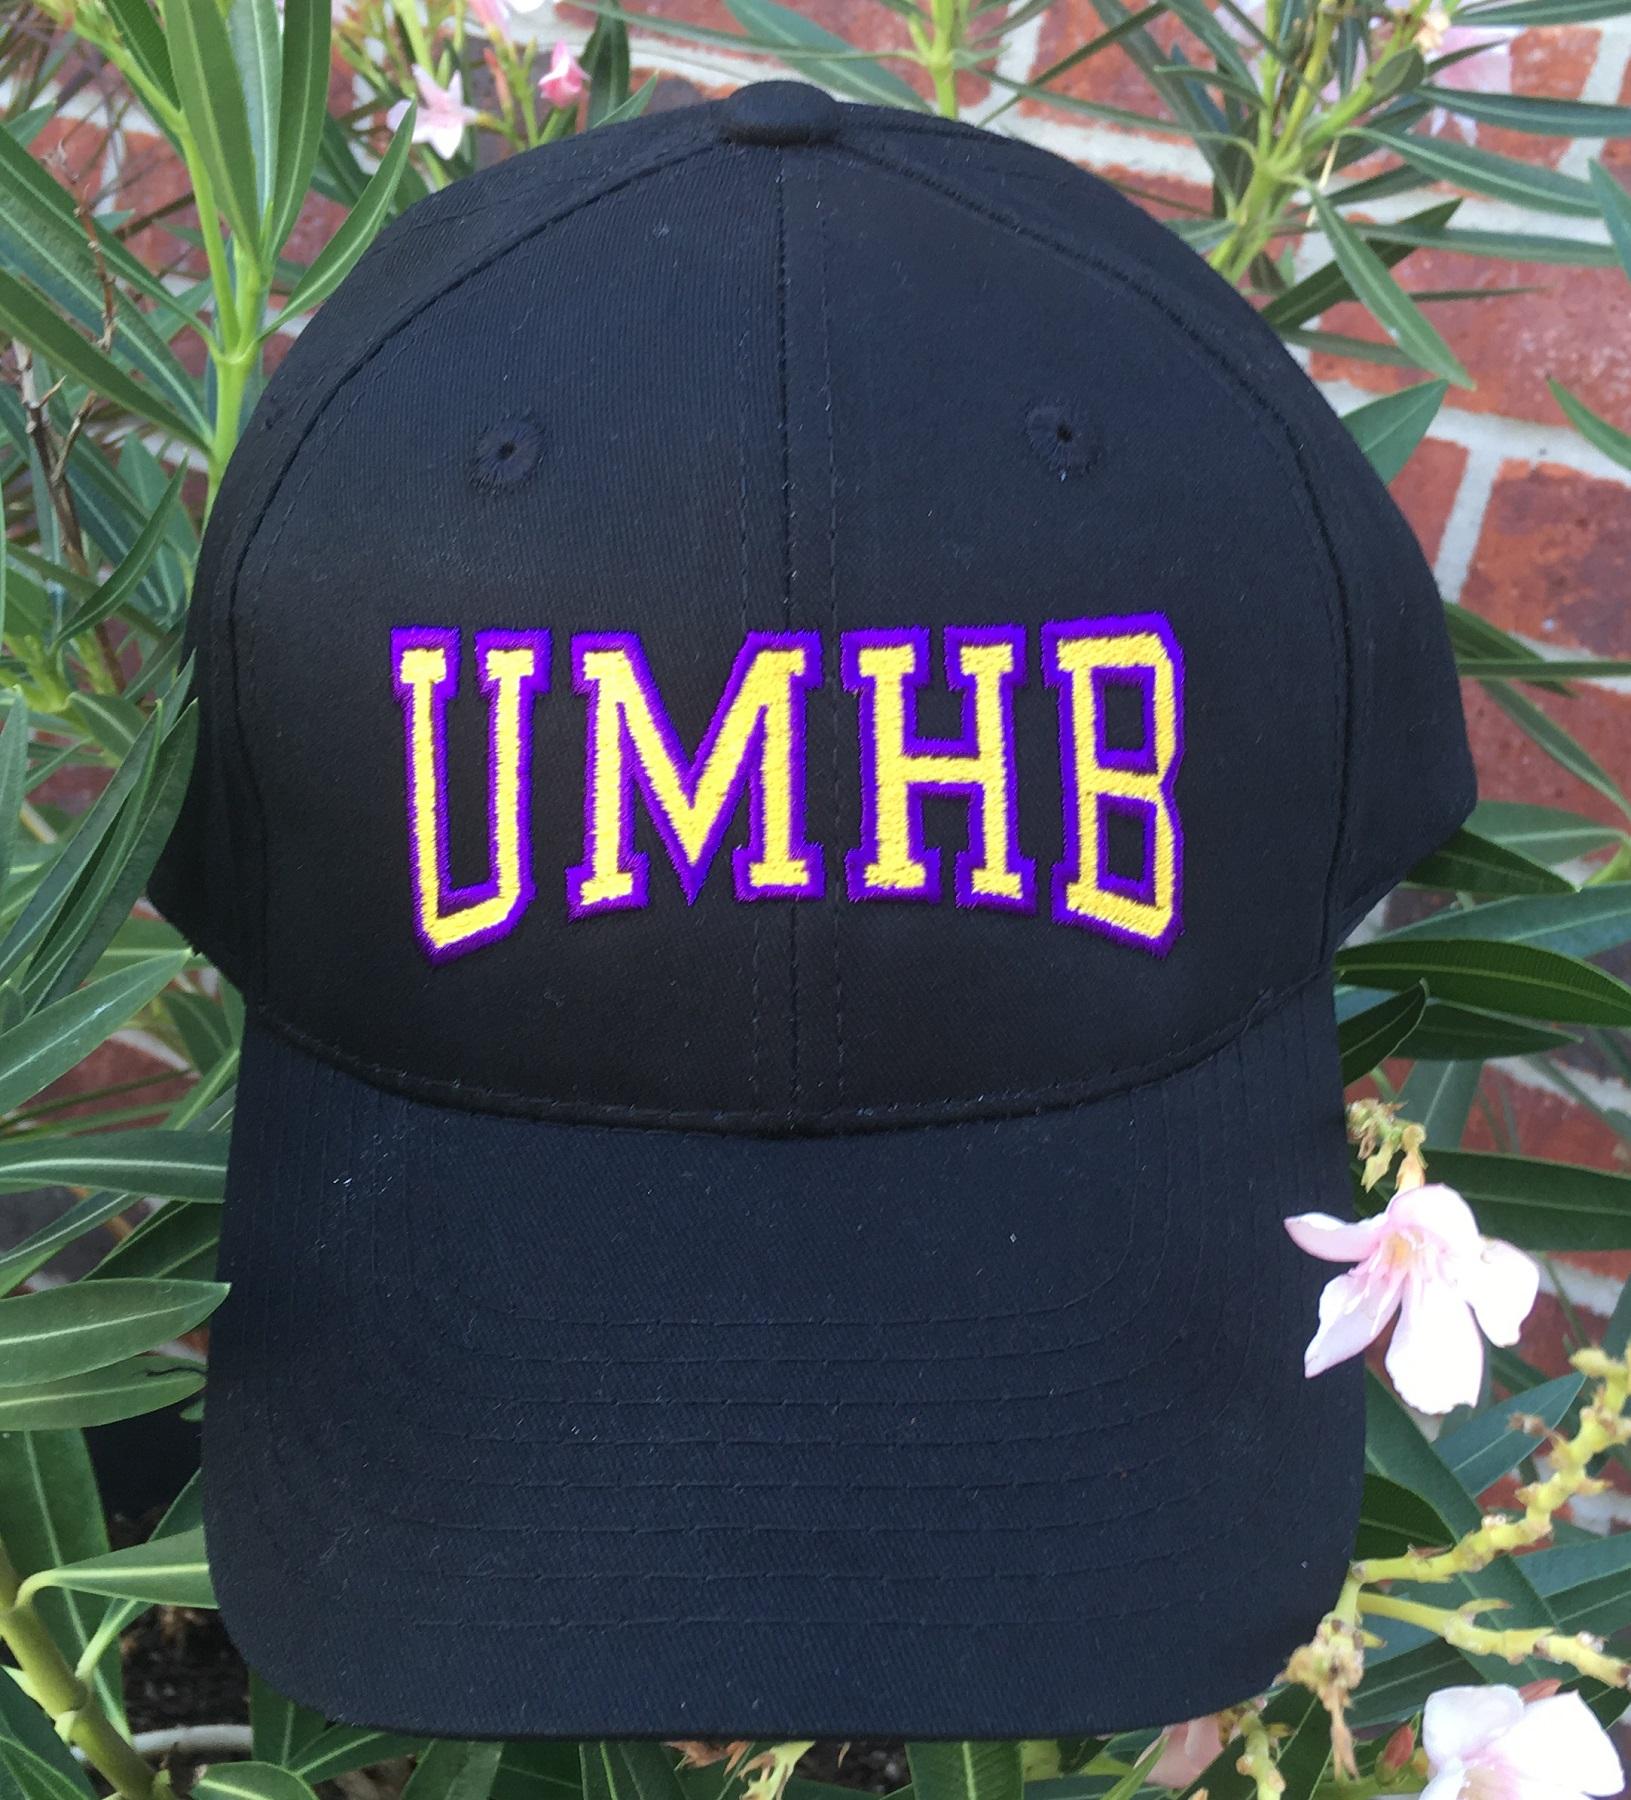 UMHBcap